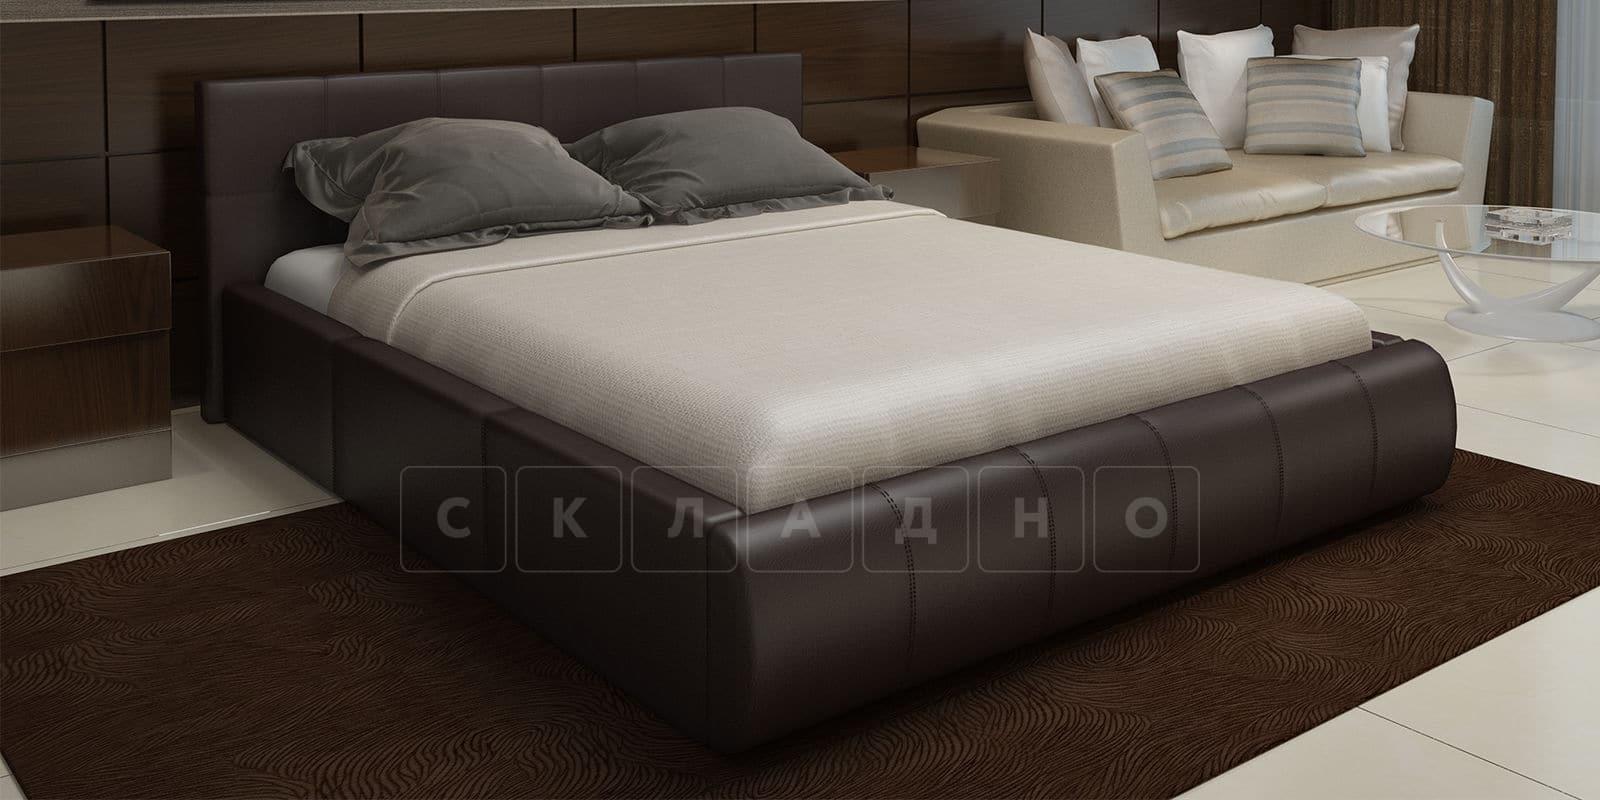 Мягкая кровать Афина 160см экокожа коричневого цвета фото 1   интернет-магазин Складно